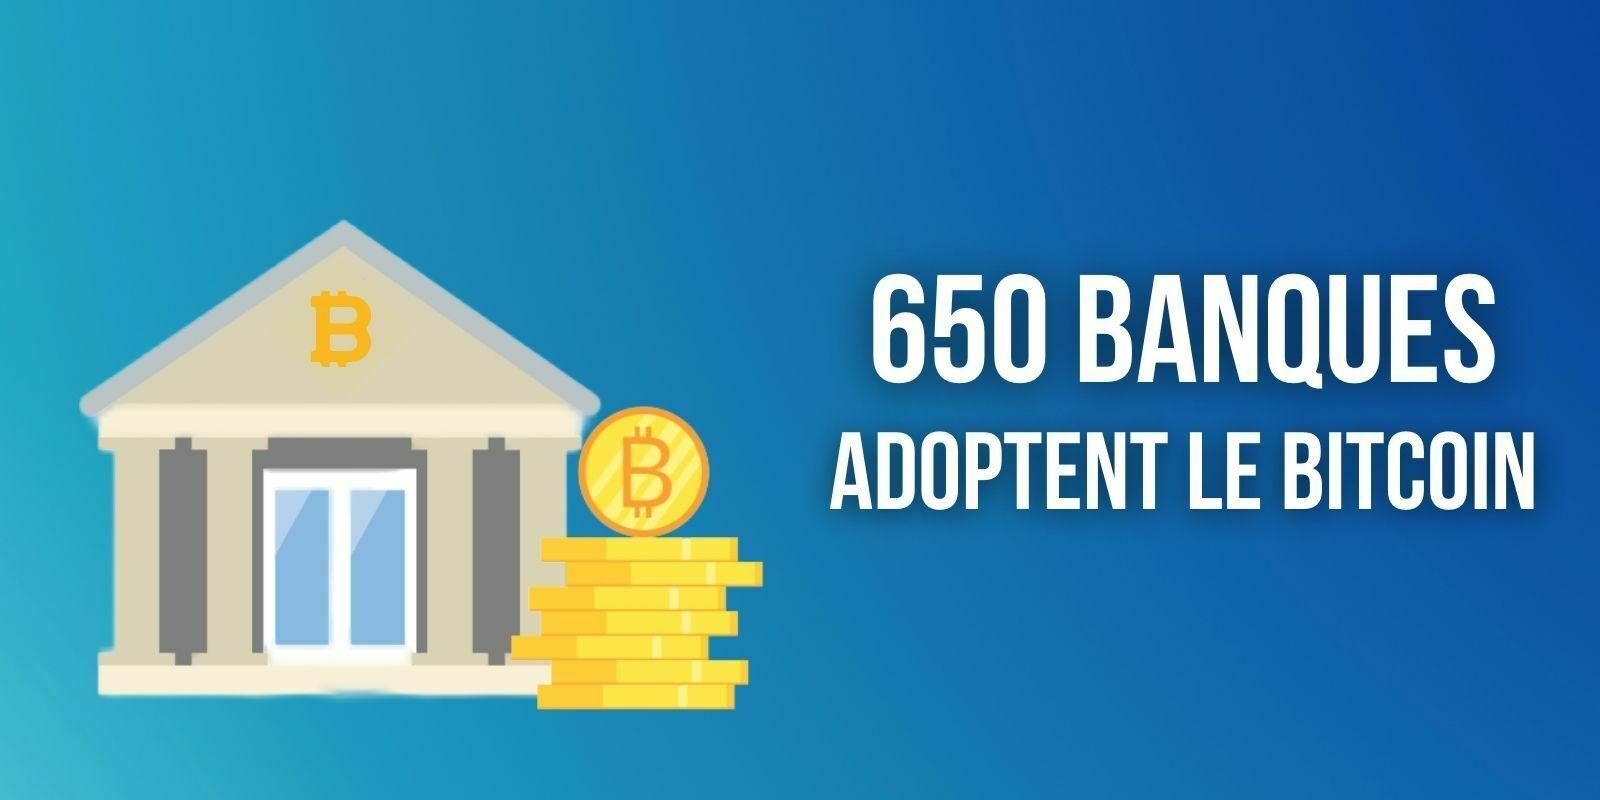 L'achat de Bitcoin (BTC) bientôt disponible auprès de 650 banques aux États-Unis